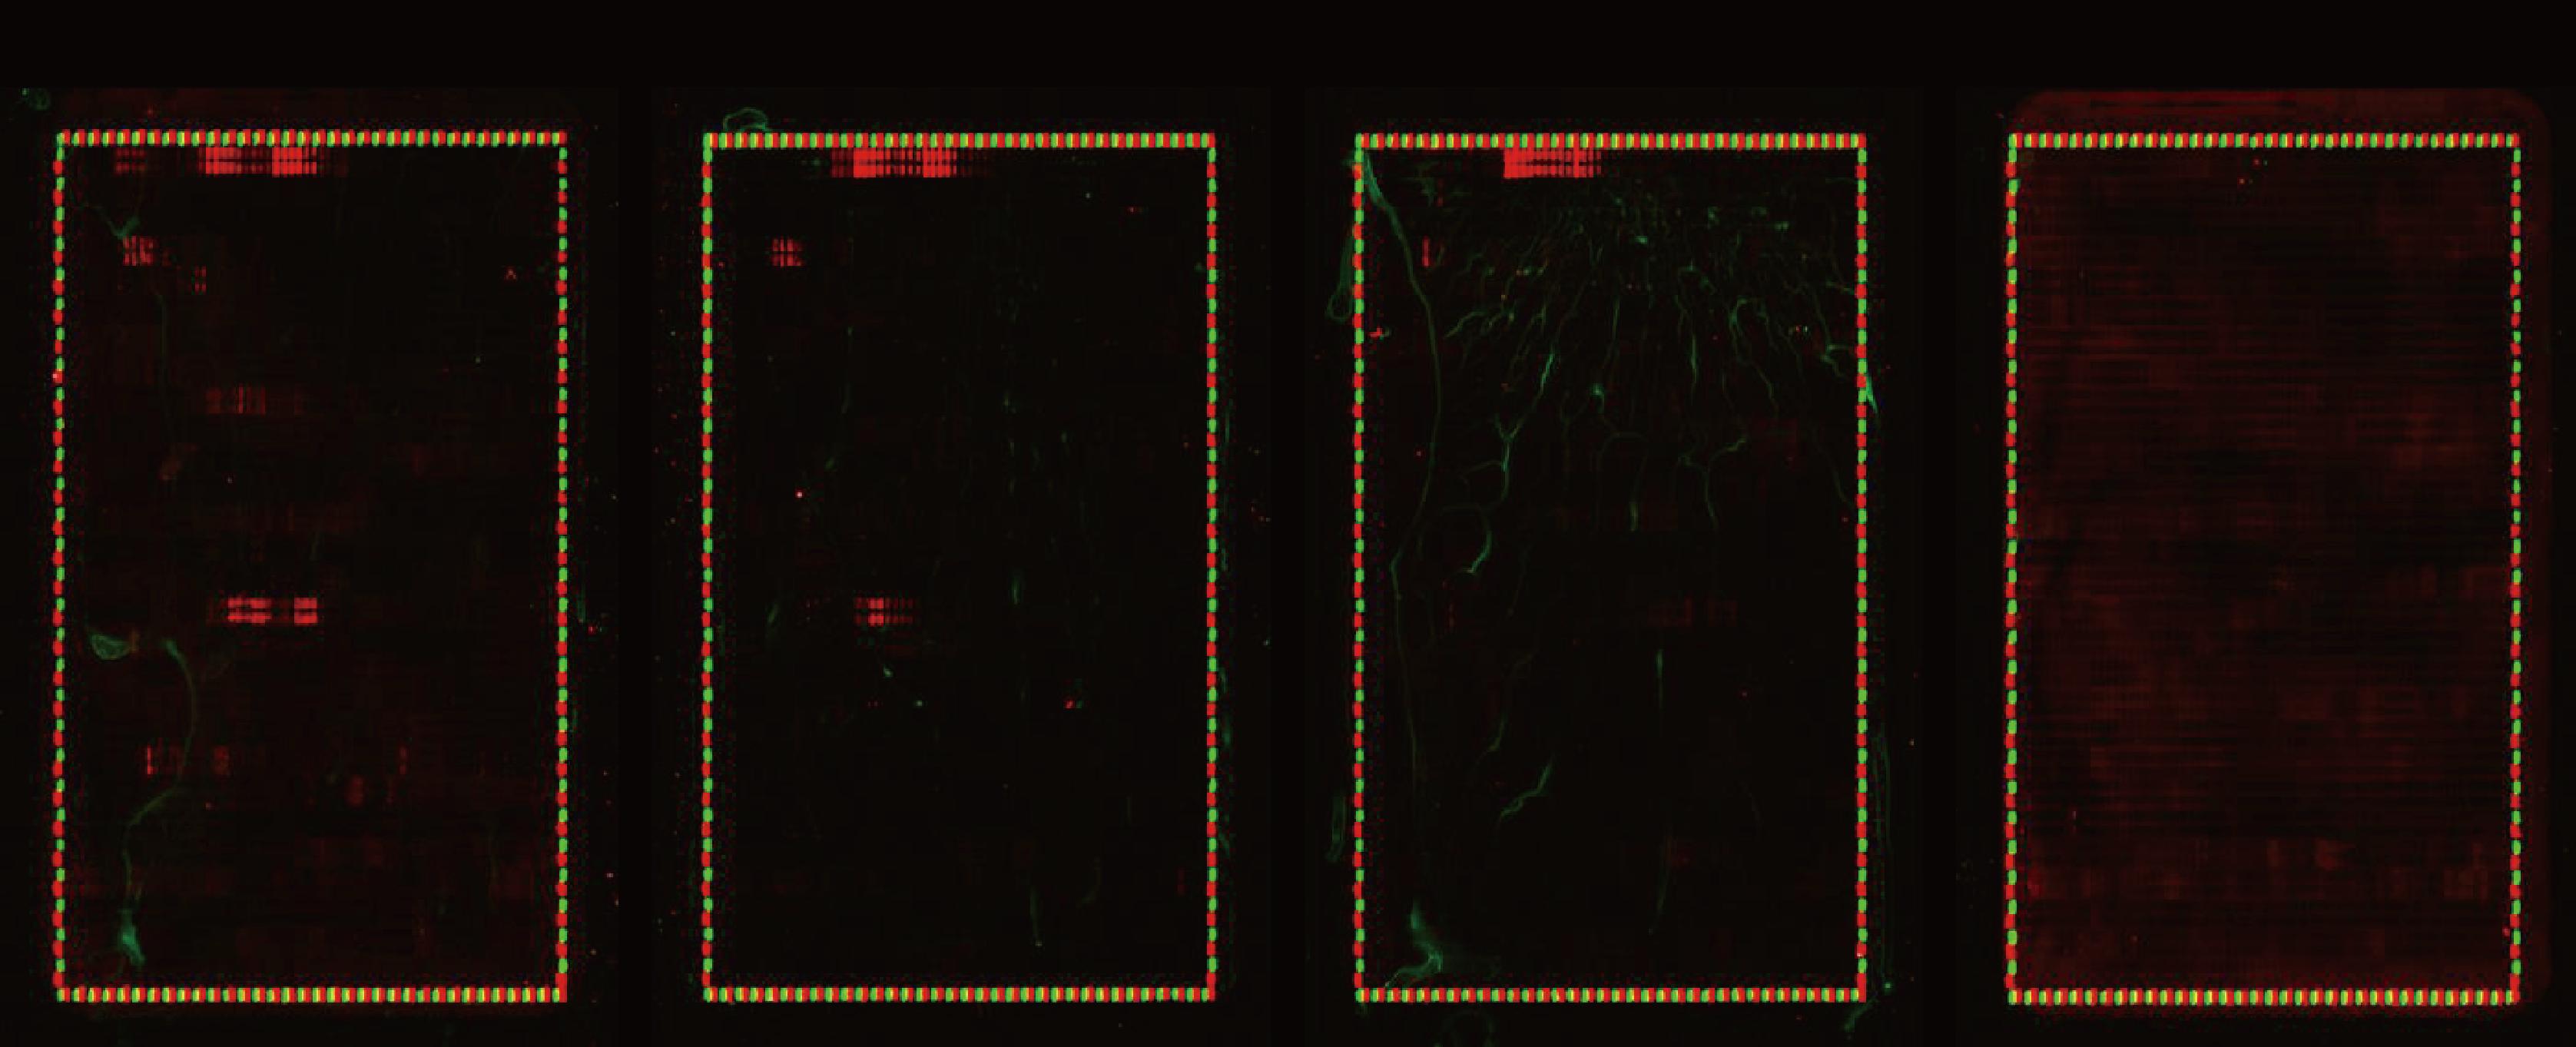 図1. ペプチドアレイはSSc1、SSc2、SSc3およびHC血清と1:5,000の希釈率でアッセイされました